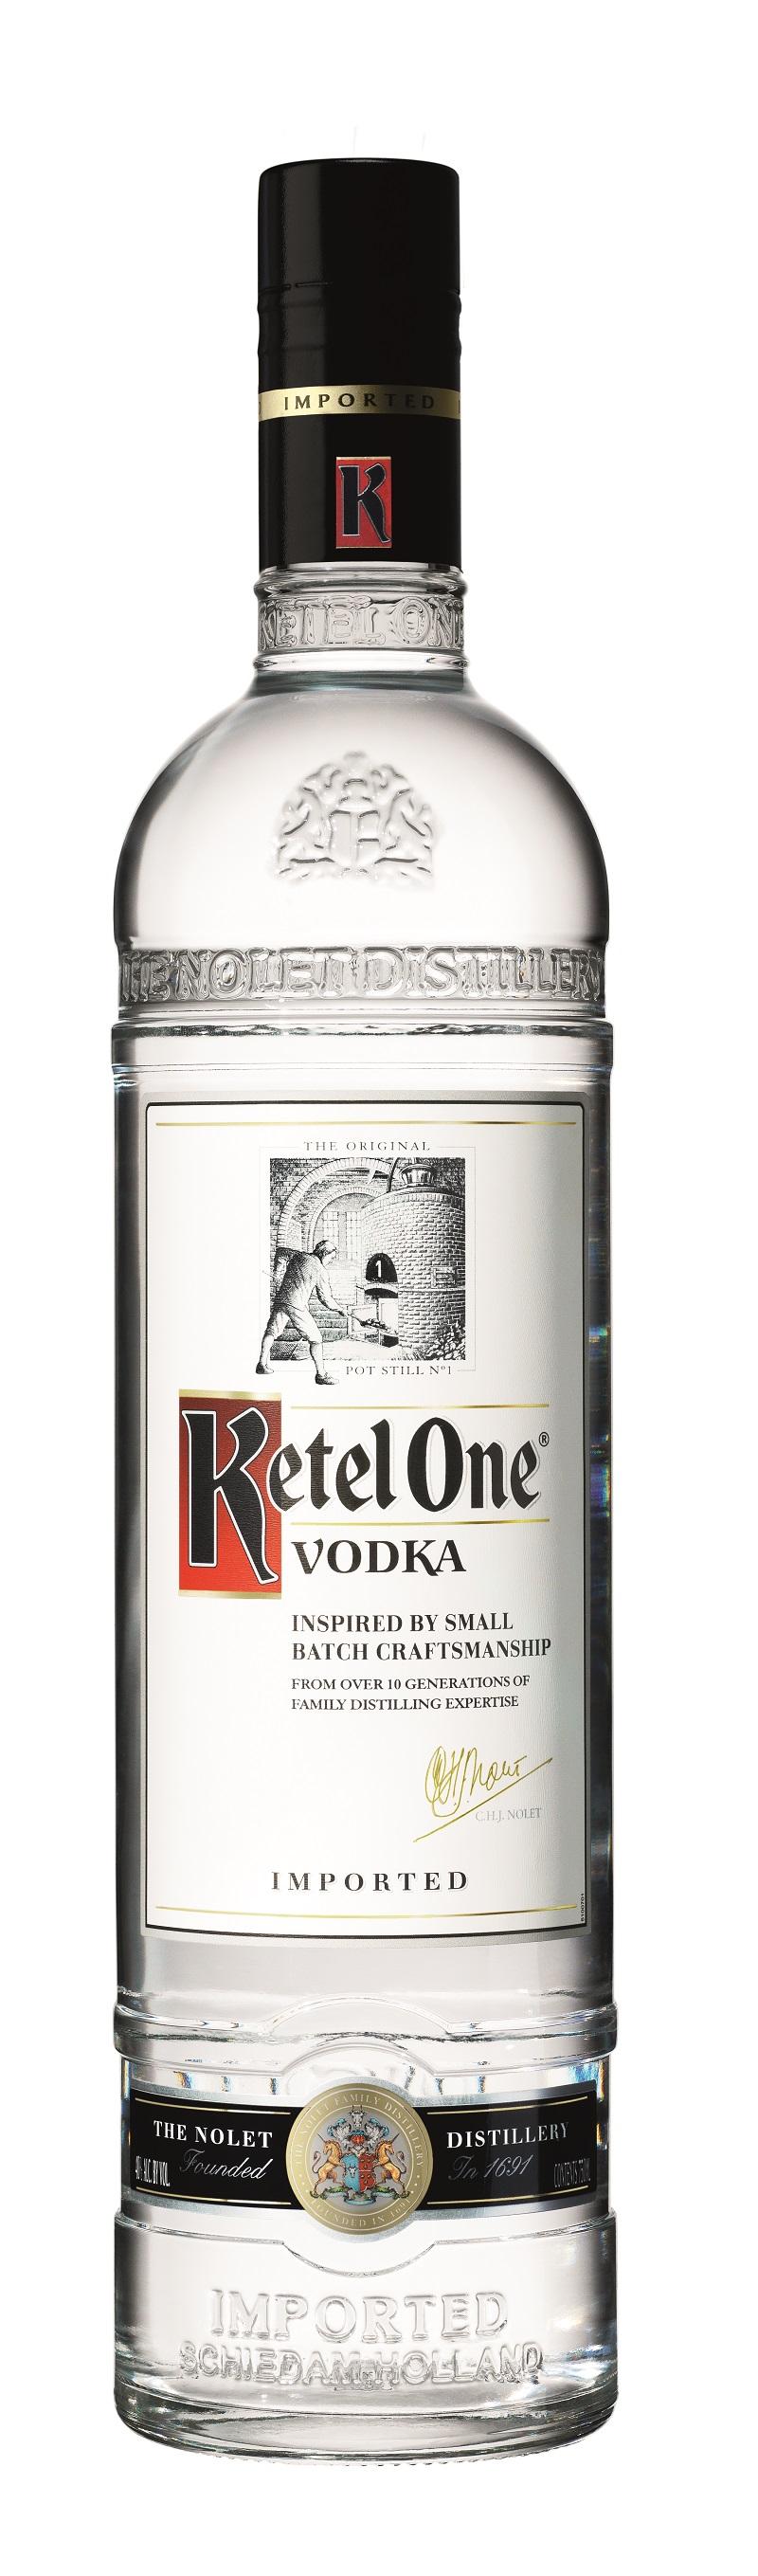 vodka archives drinkhacker. Black Bedroom Furniture Sets. Home Design Ideas